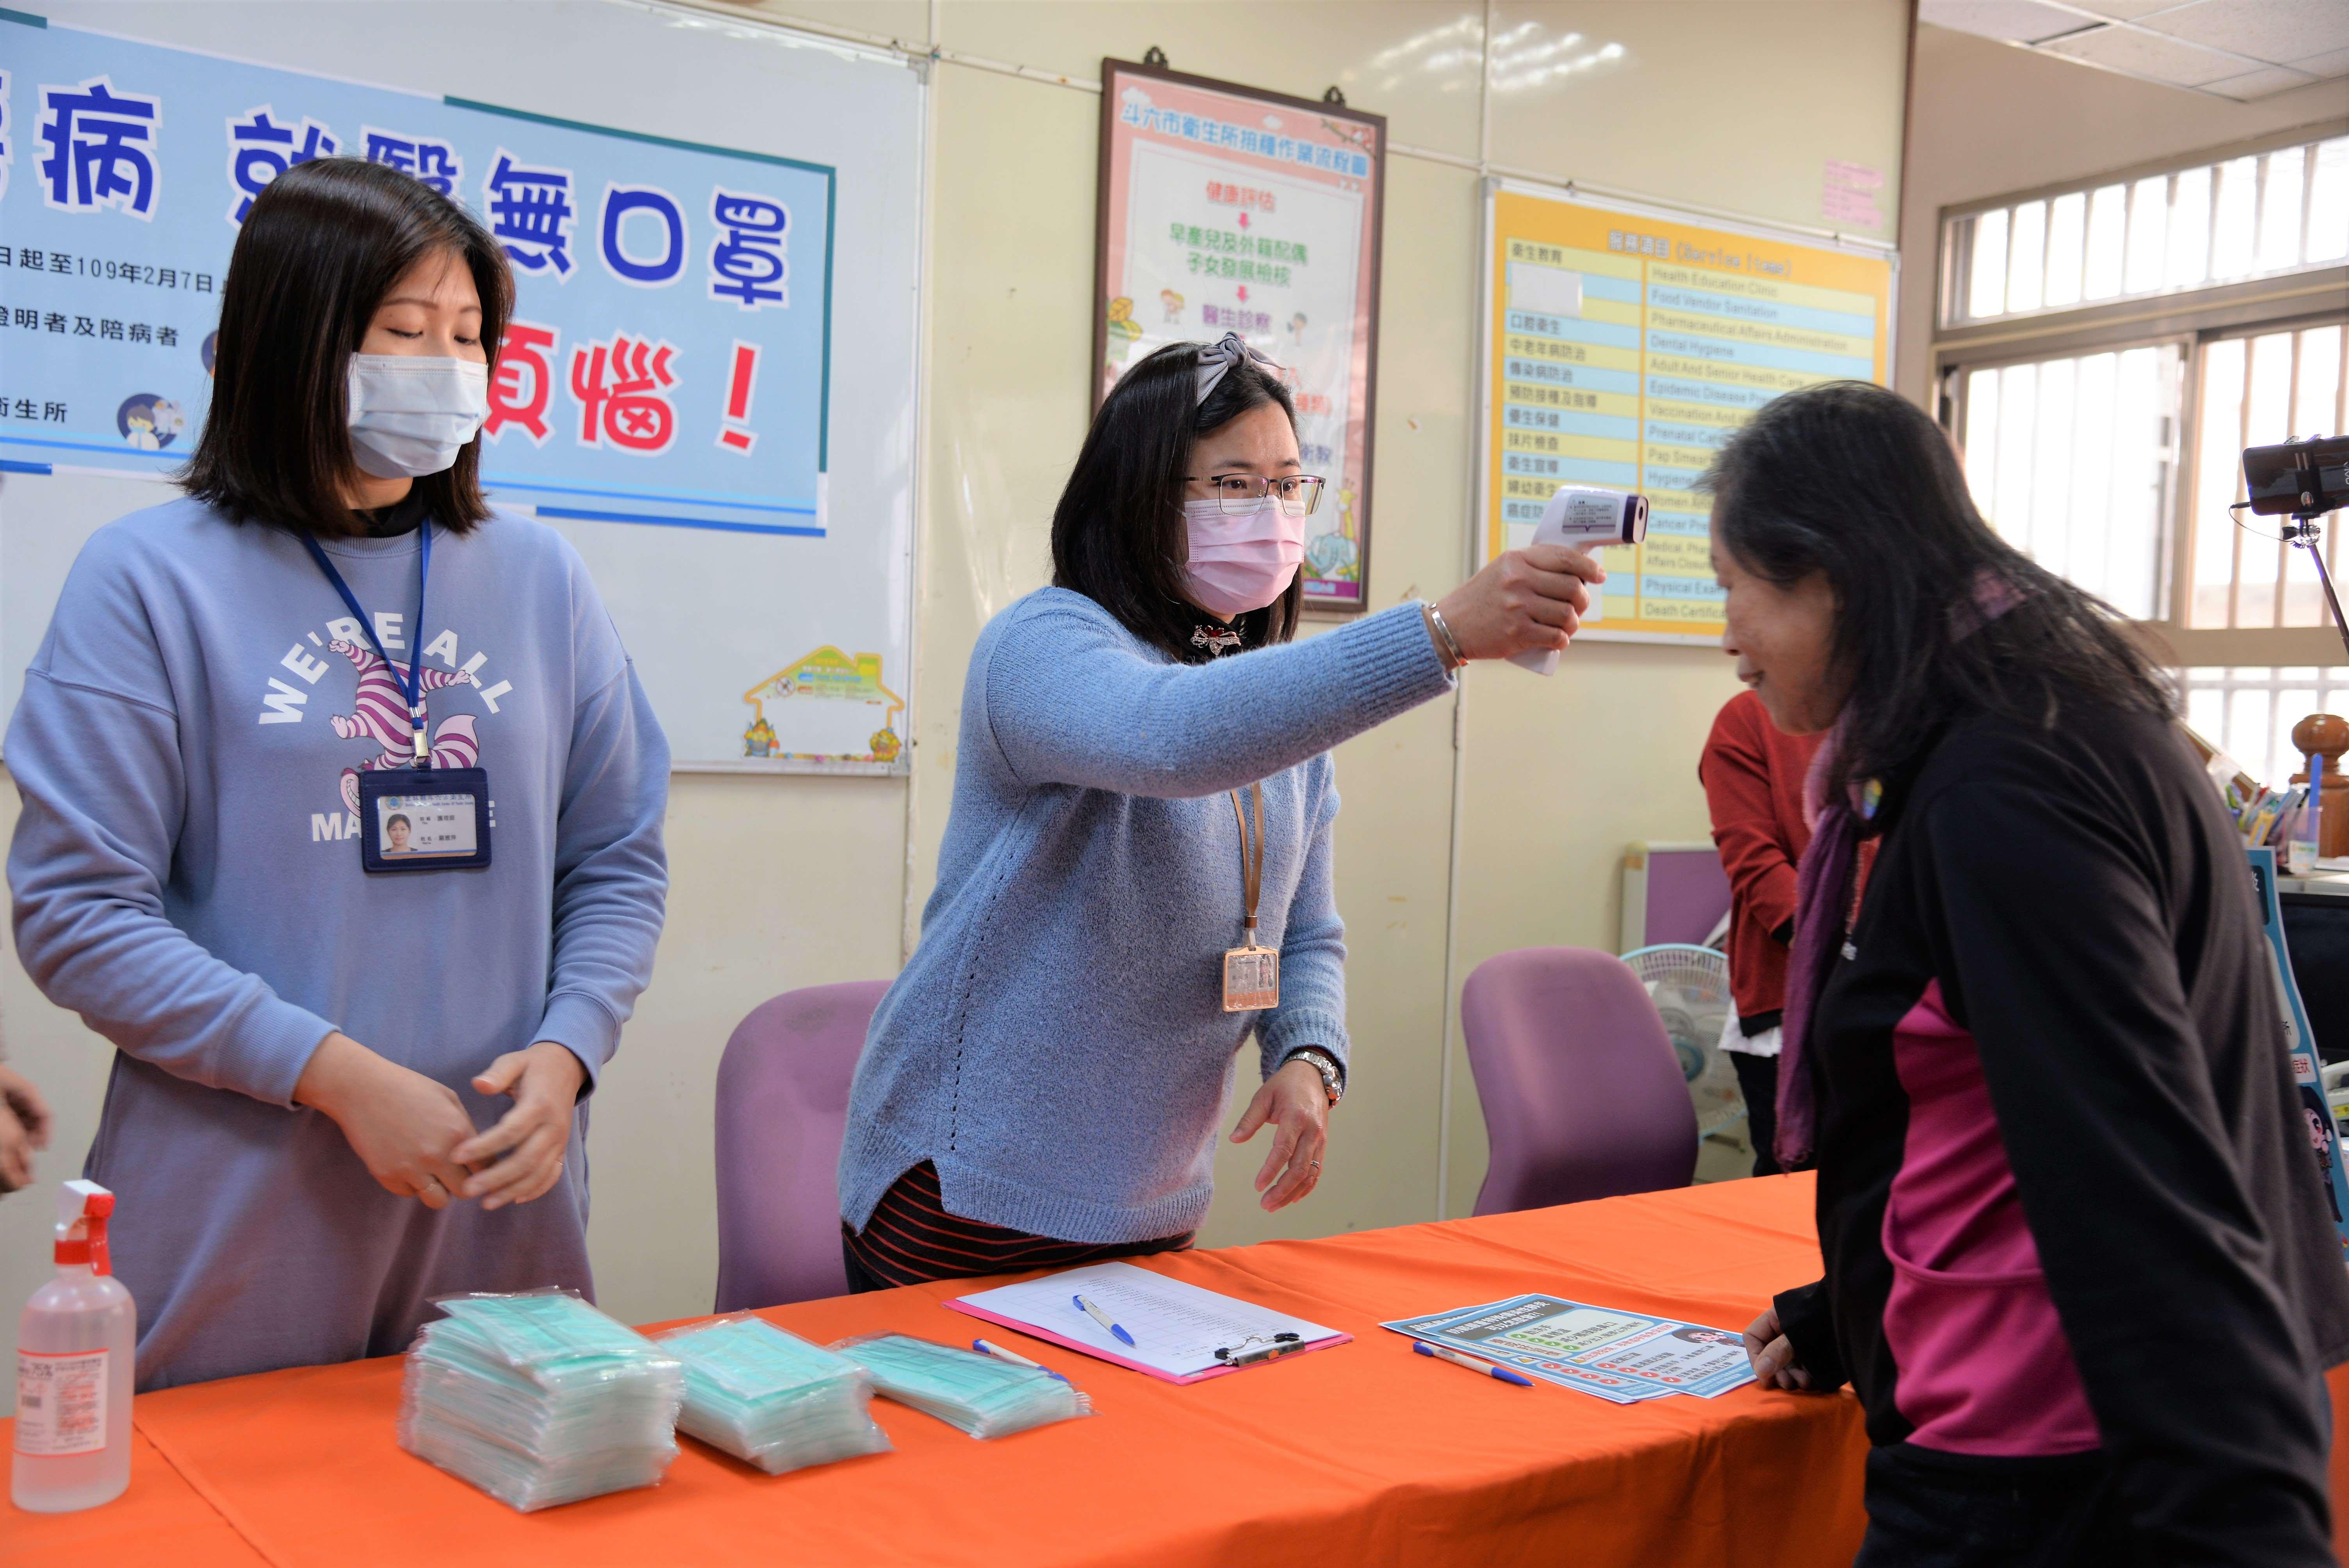 本縣領有重大傷病證明或目前發燒(>=38度)買不到口罩之民眾亦可至各鄉鎮市衛生所索取,每一欲就醫之重大傷病病患或目前體溫超過38度者及其陪同就醫者每人提供1片口罩。